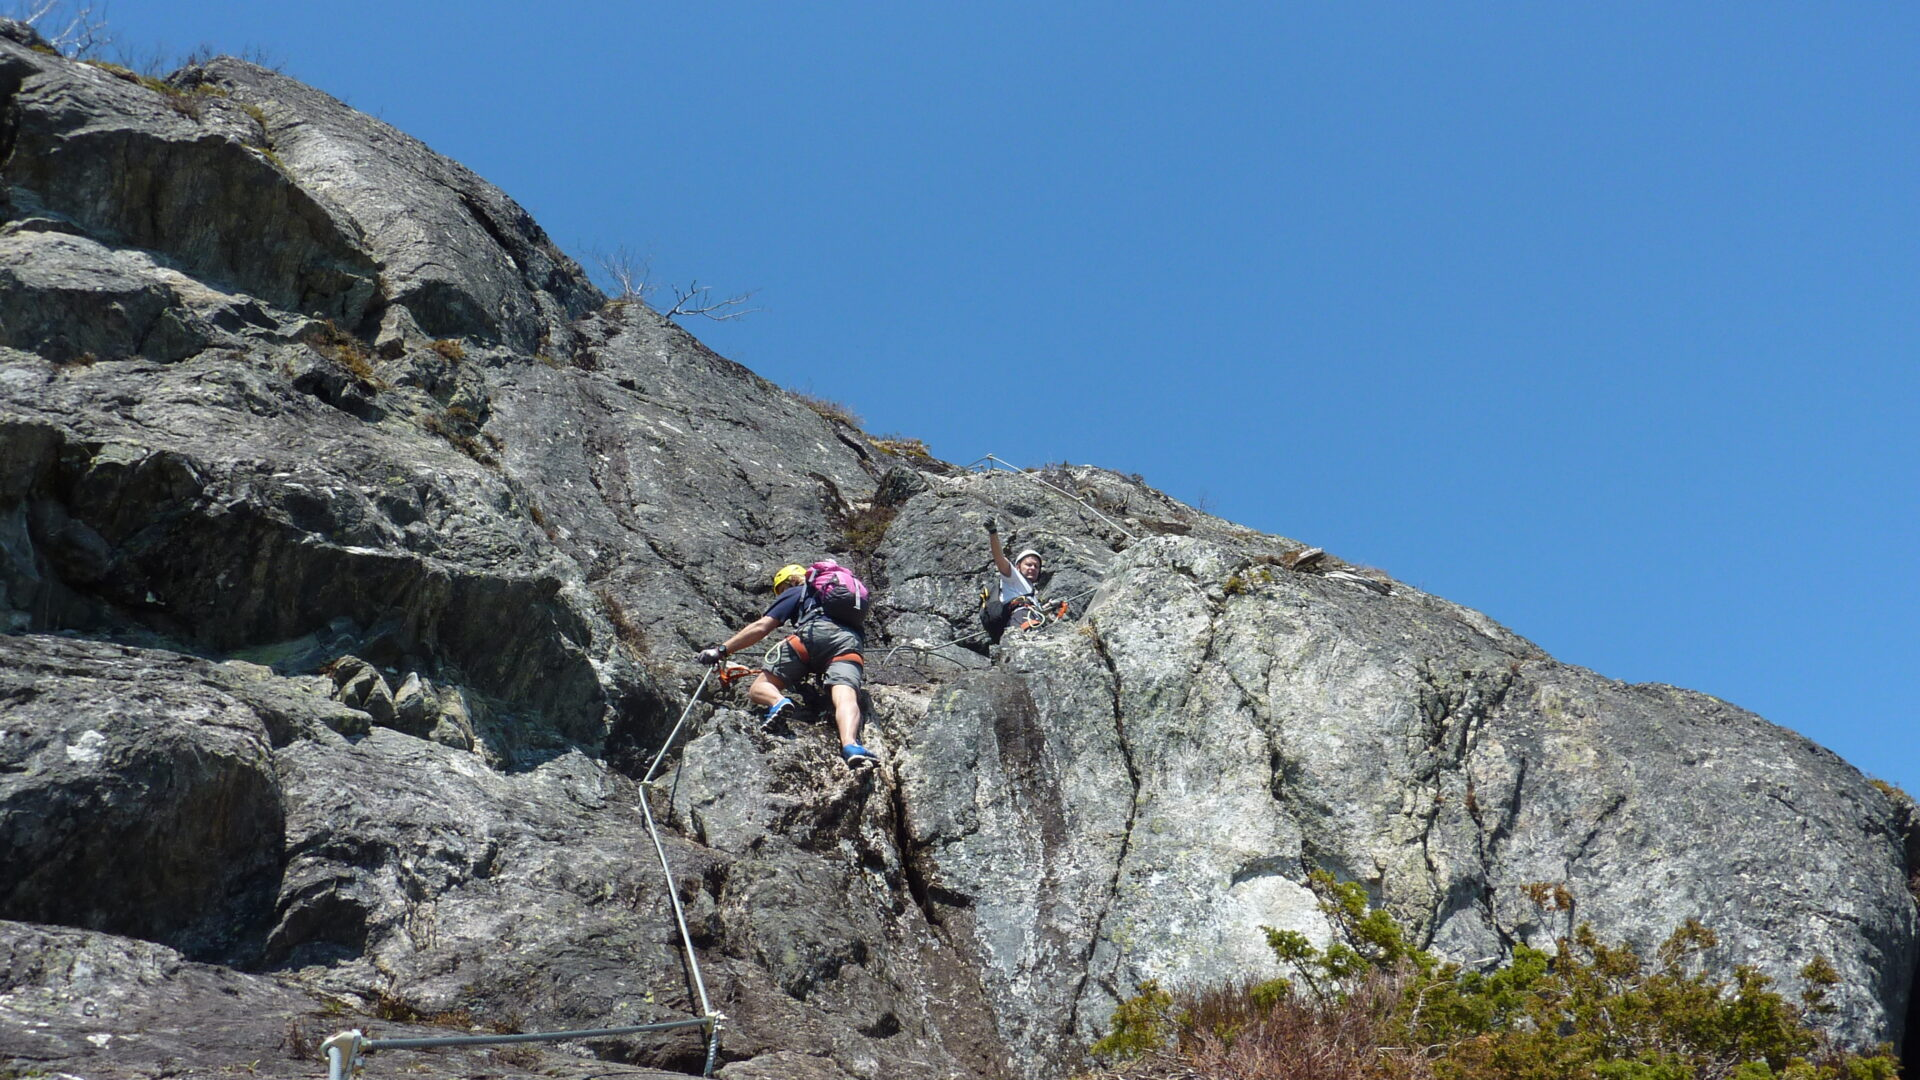 Personnes grimpant un rocher à l'aide d'une corde. Via ferrât